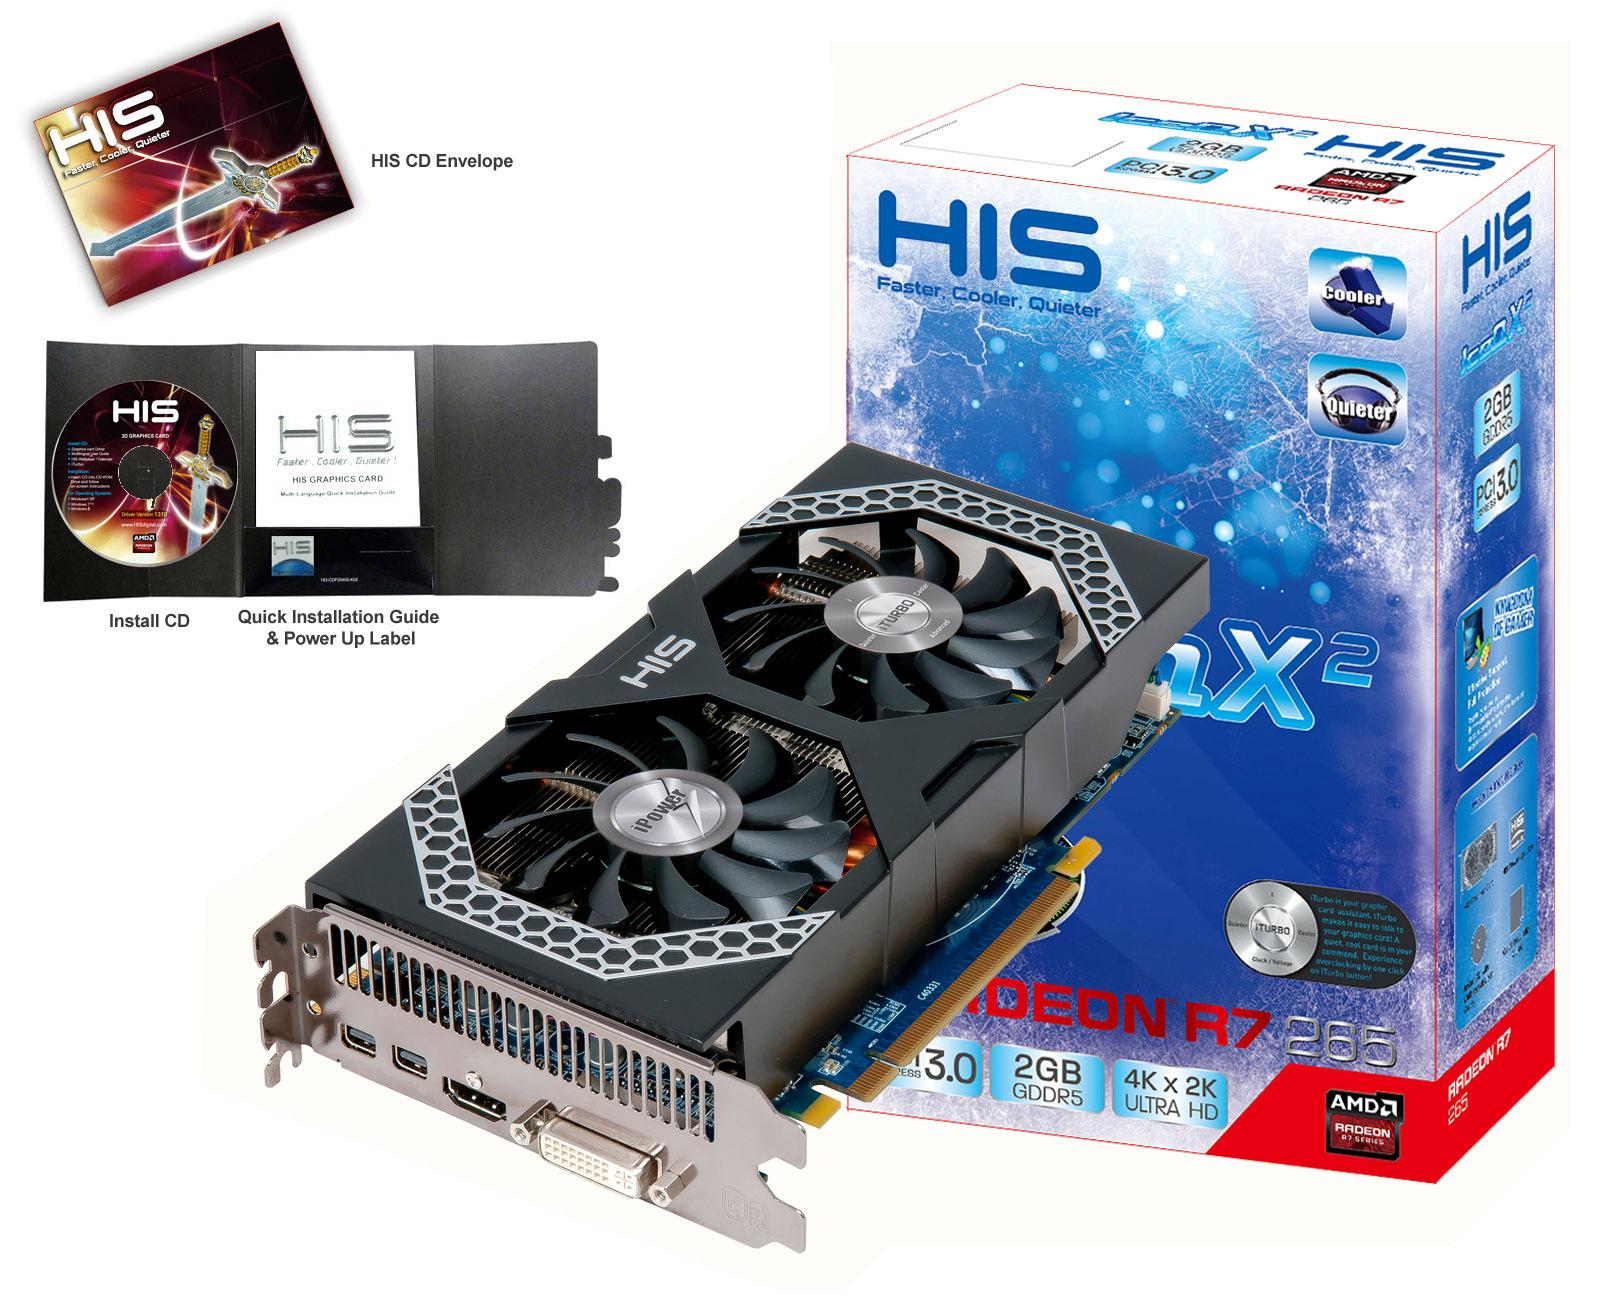 HIS Radeon HD R7 265 IPower IceQ X2 Boost Clock 2GB DDR5